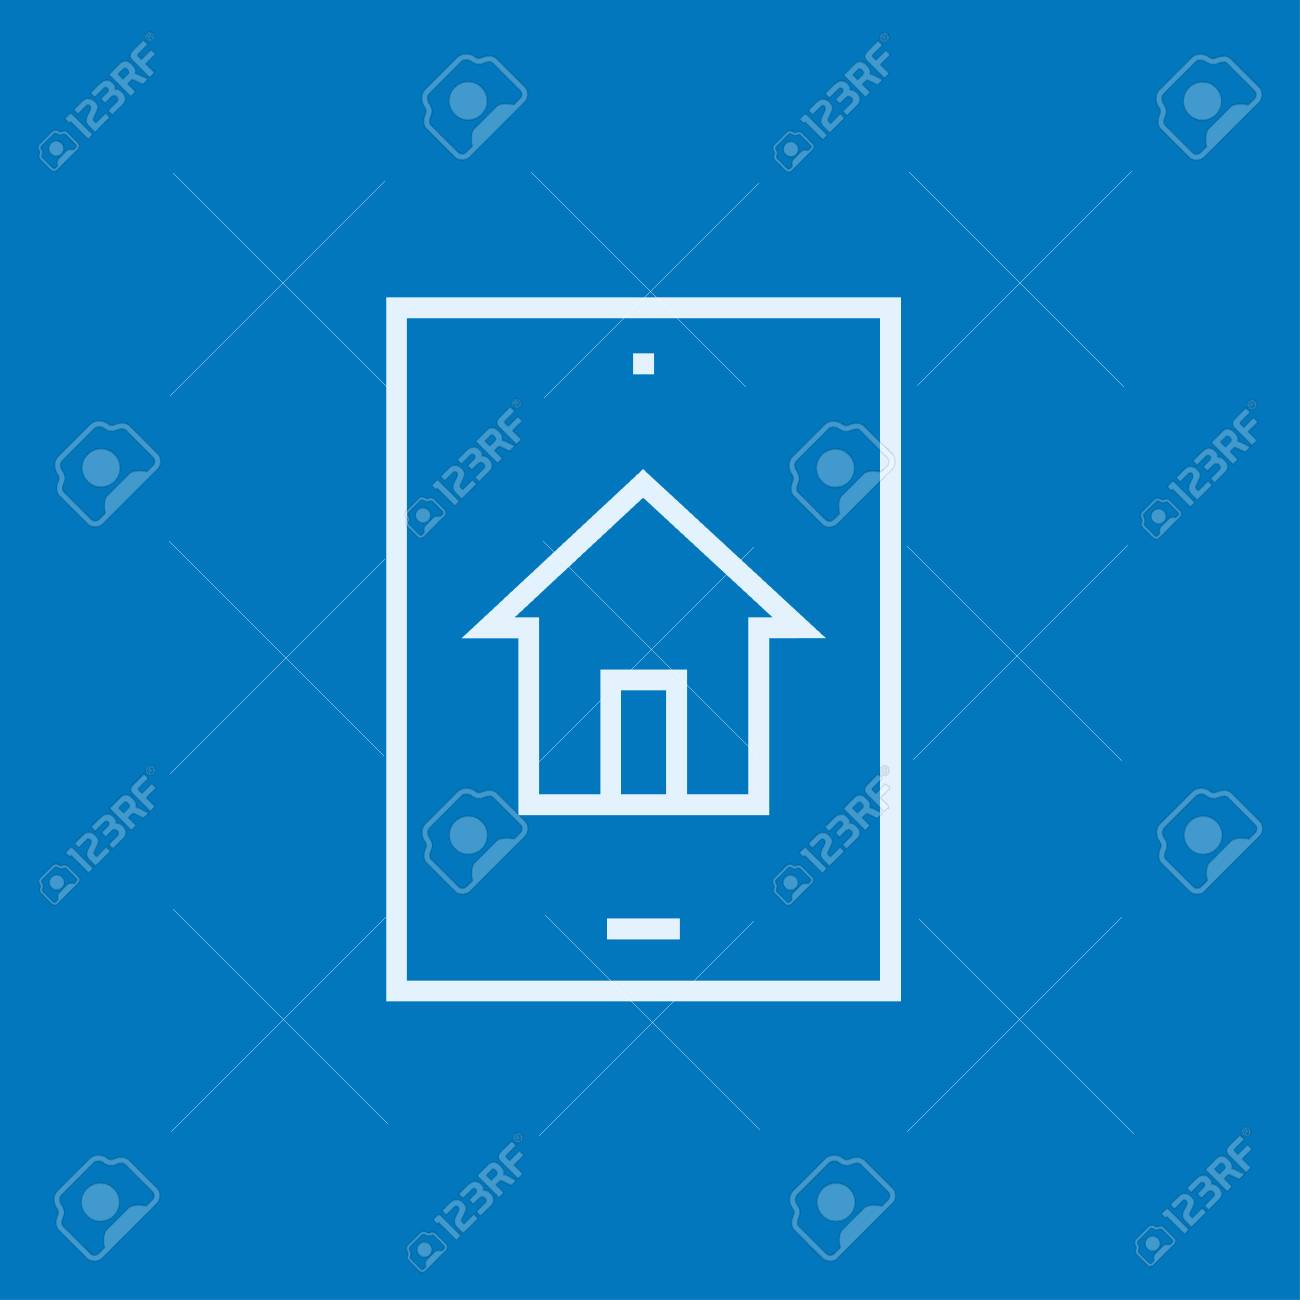 Ricerca Per Immagini Mobile ricerca di proprietà sull'icona della linea spessa del dispositivo mobile  con spigoli appuntiti e bordi per web, mobile e infografica. icona di